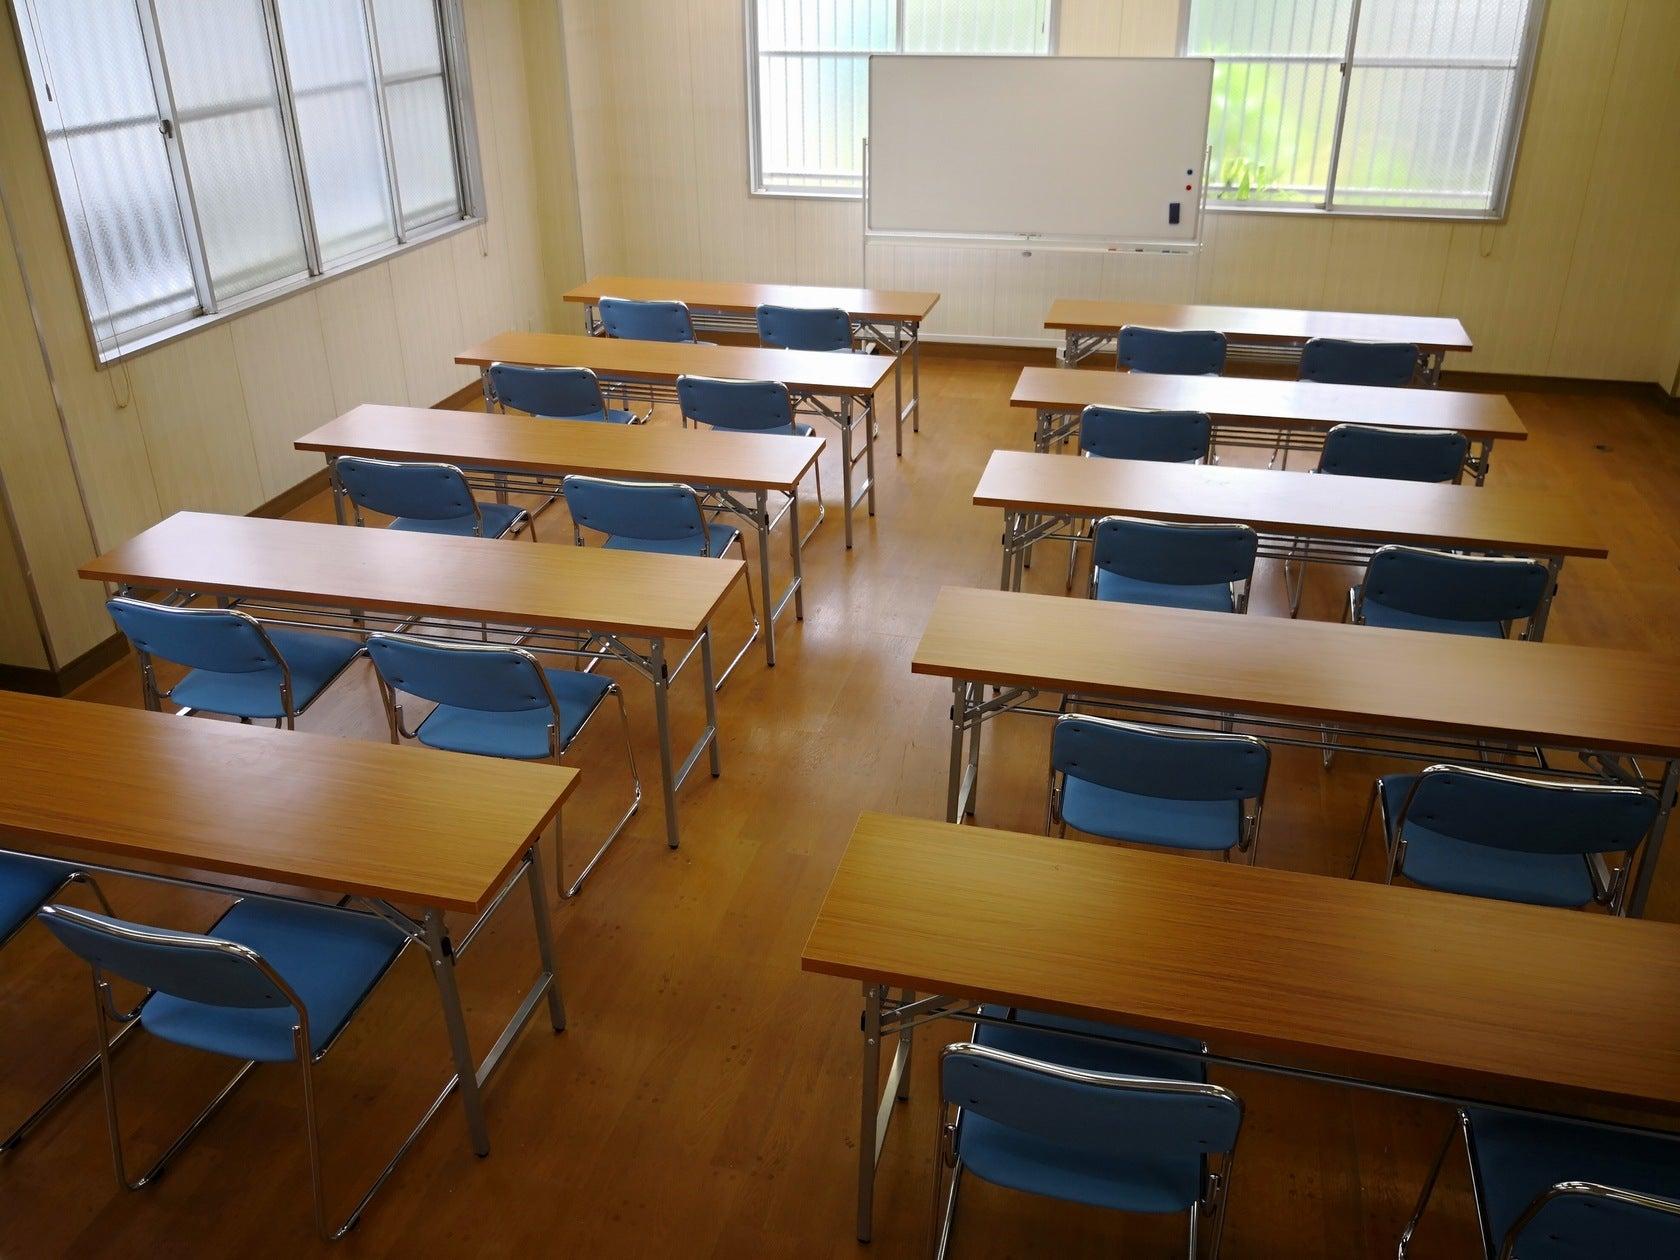 【山科区広見町】ゆったり広々の合計127㎡!会議やセミナー・教室にも最適空間です!(山科西野広見町会議室) の写真0